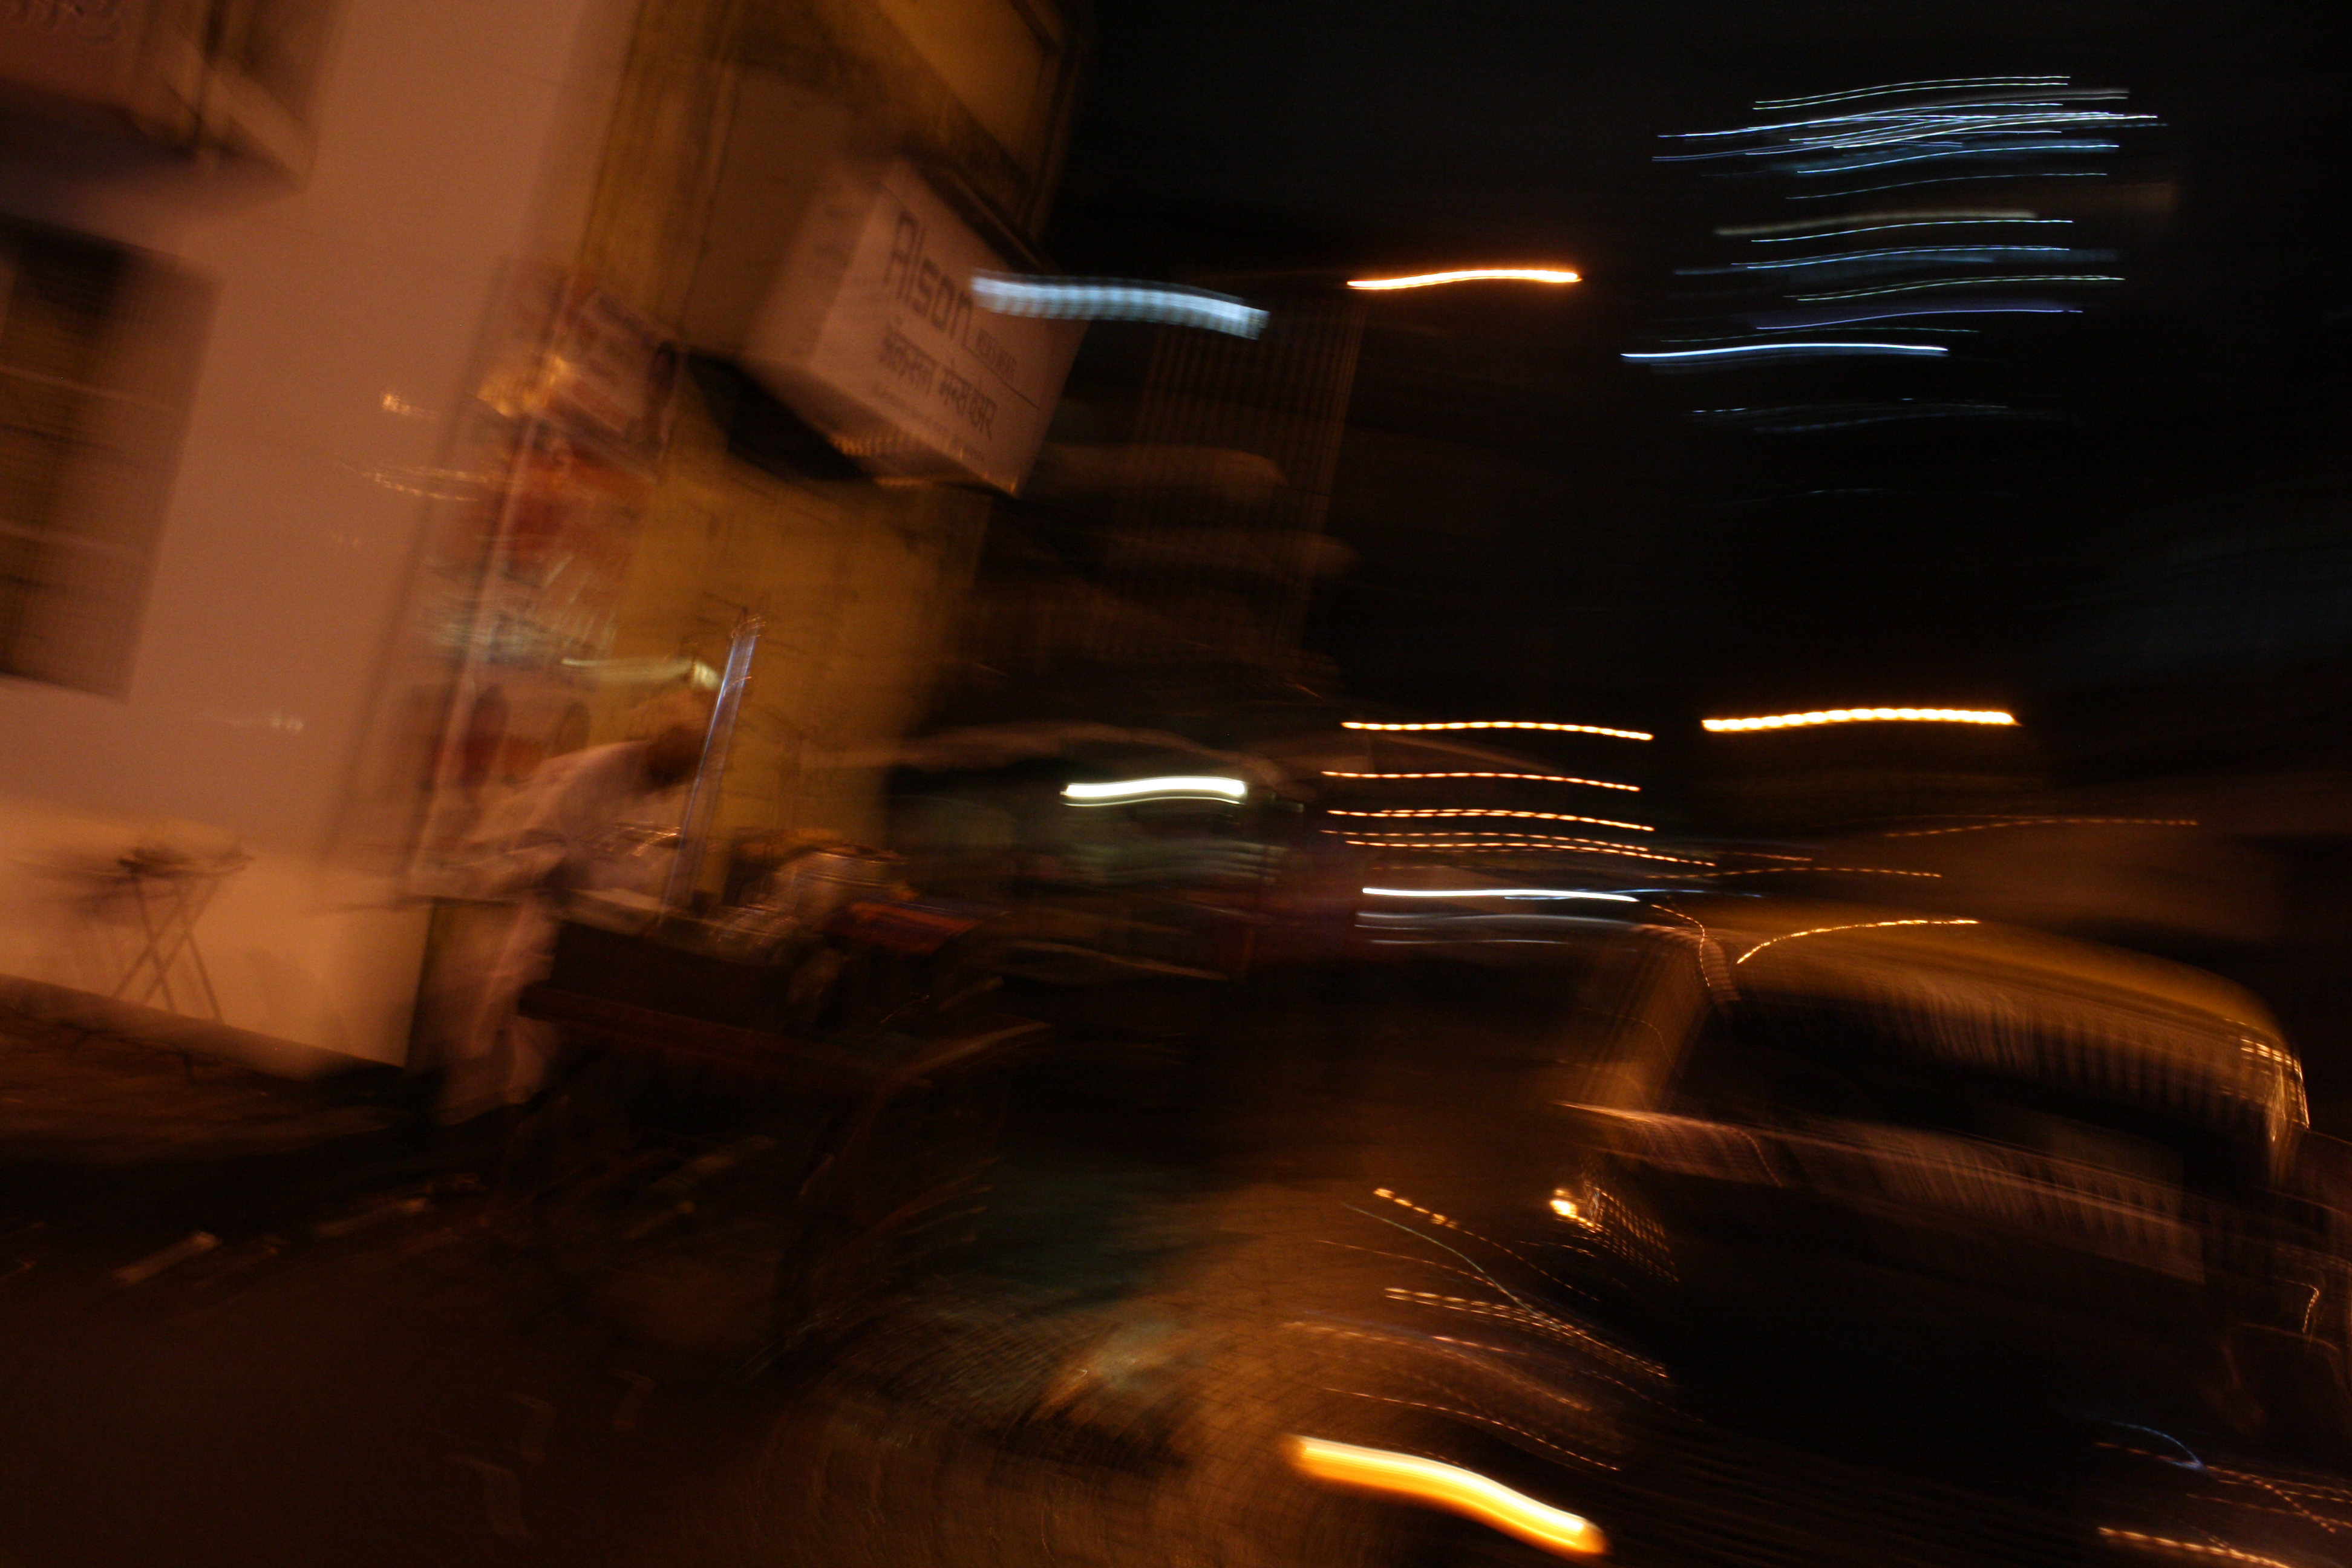 Mumbai Street4 (12x18in)